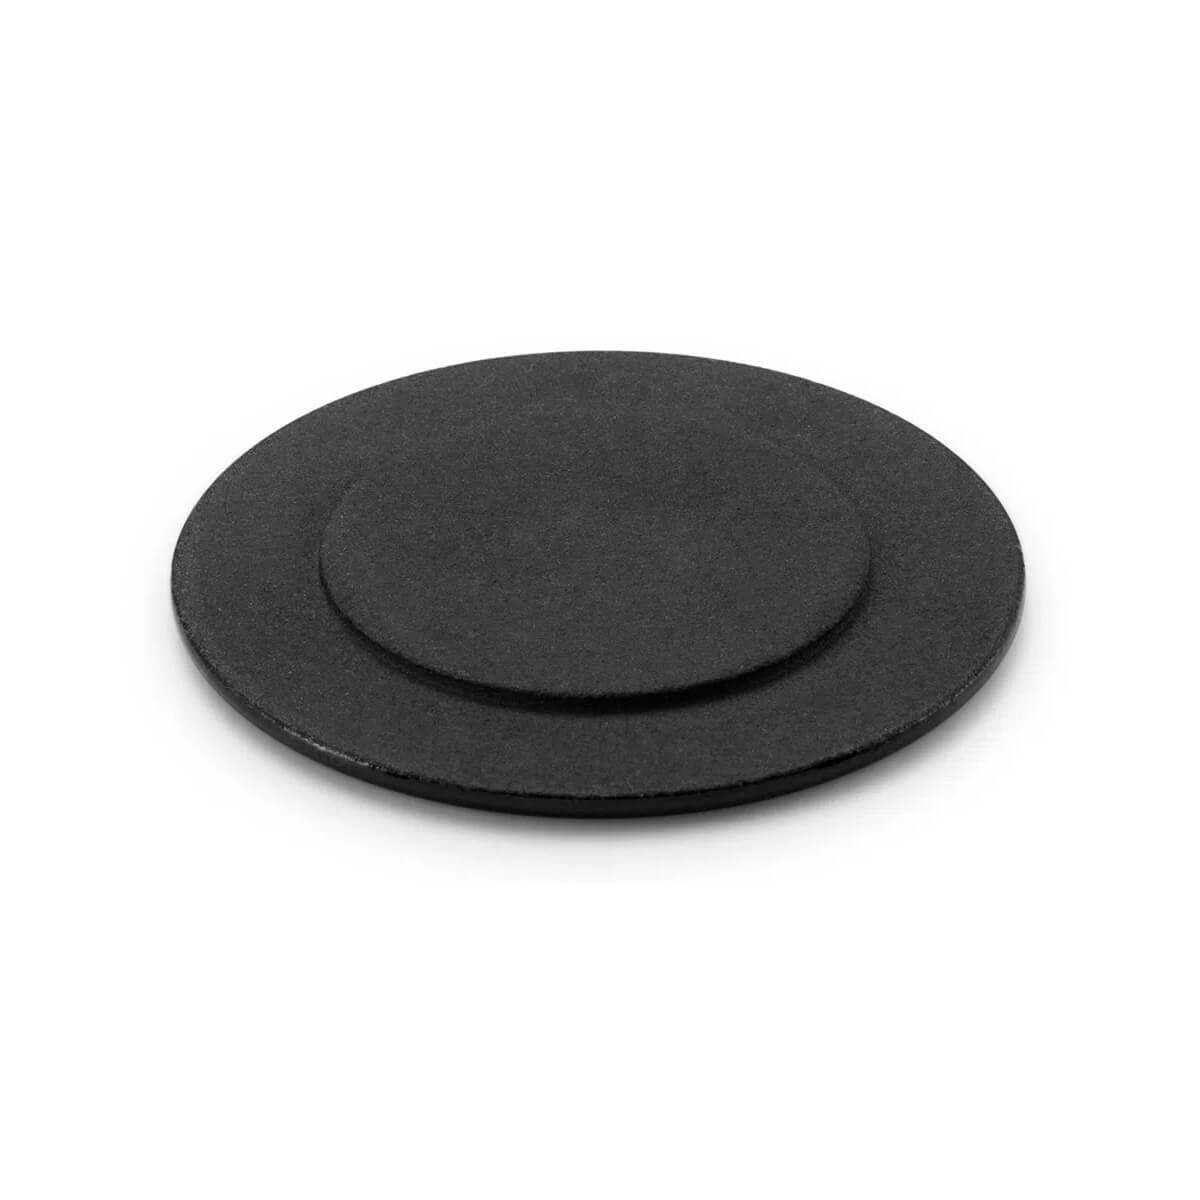 Capa Do Queimador Semirrápido Para Fogão Electrolux 76EXV 76DXV 76DGX - 72000432